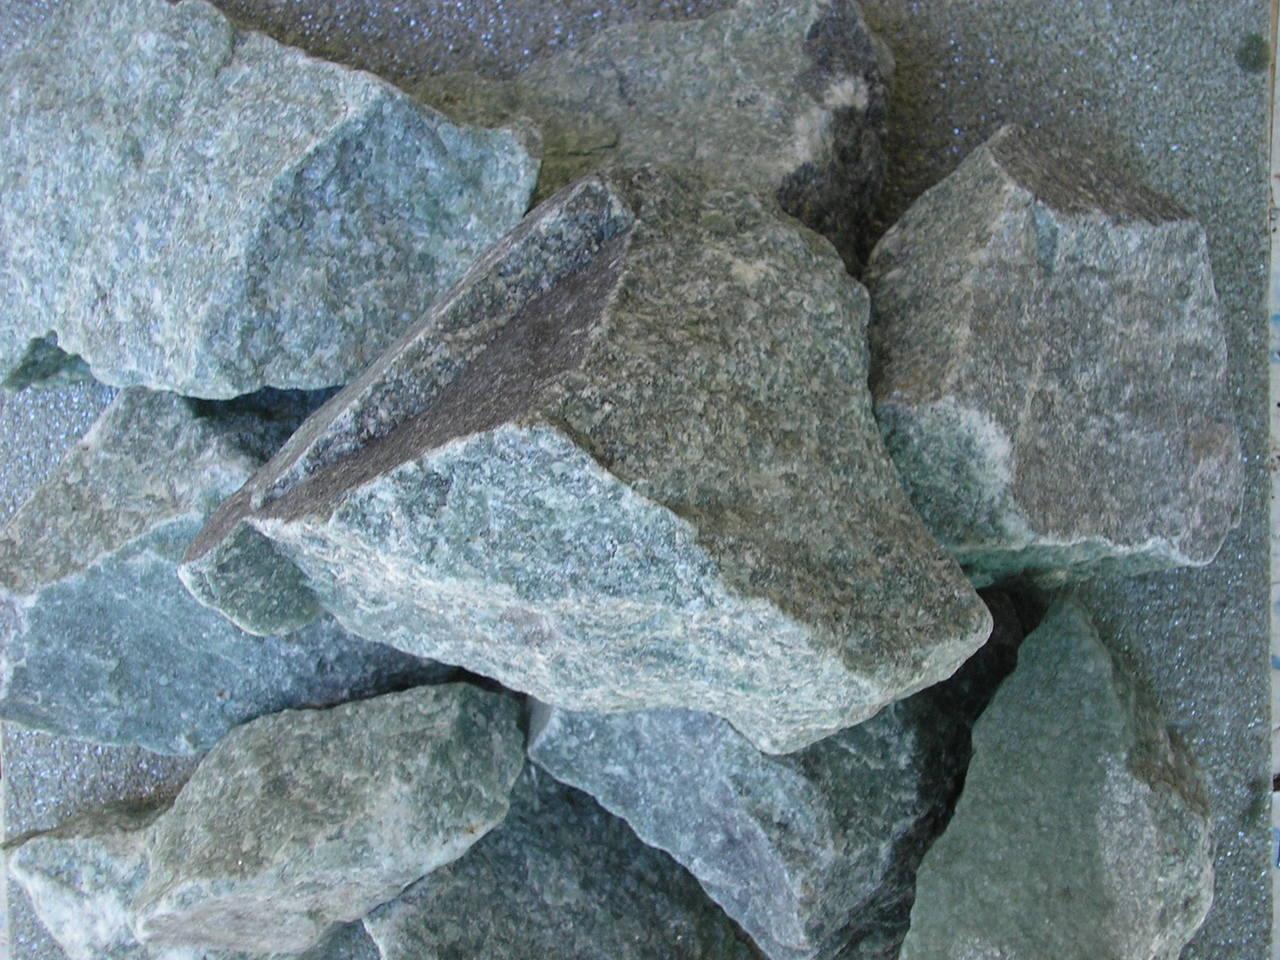 Камень жадеит колотый отборный